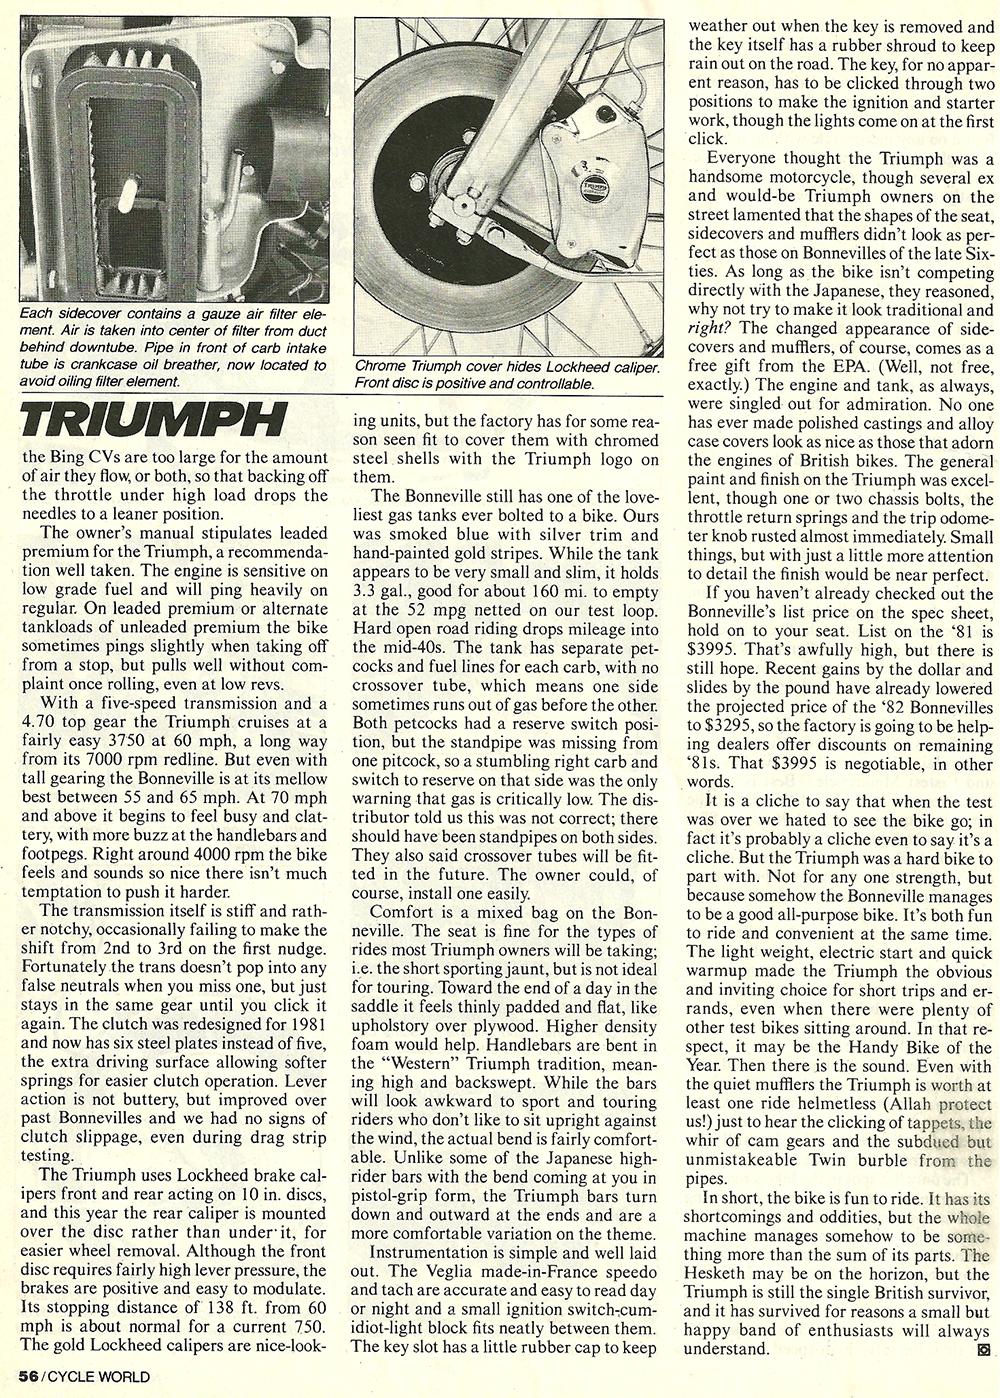 1981 Triumph 750 Bonneville road test 5.jpg